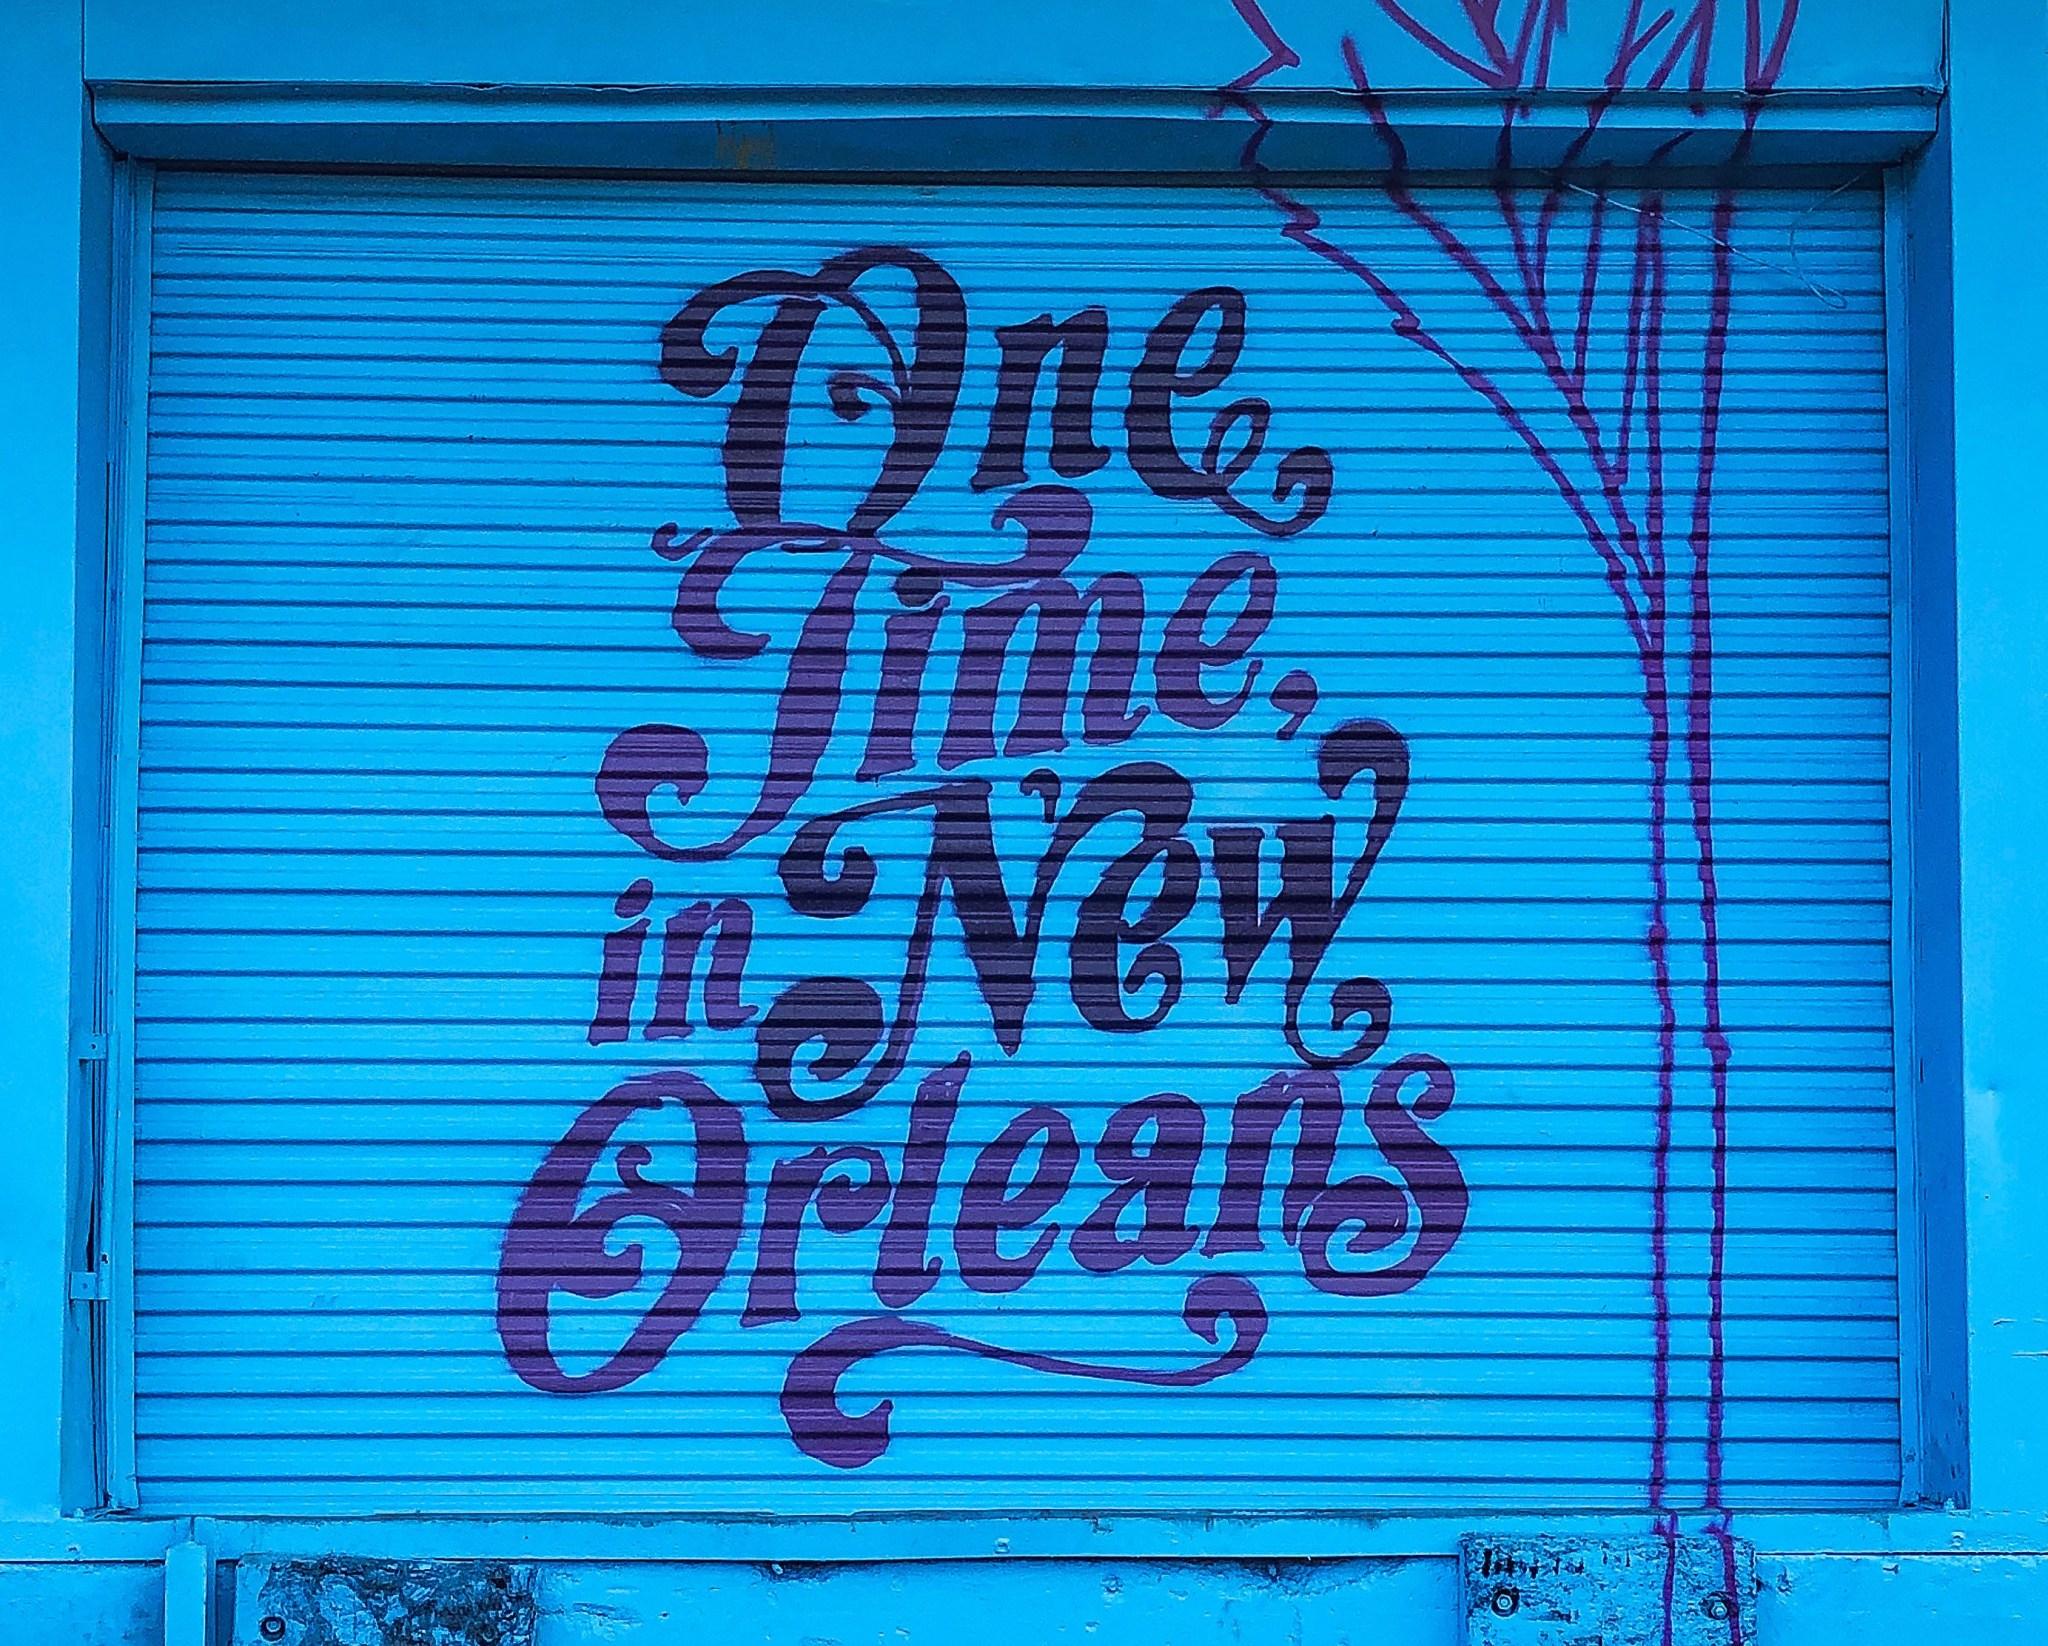 #onetimeinneworleans